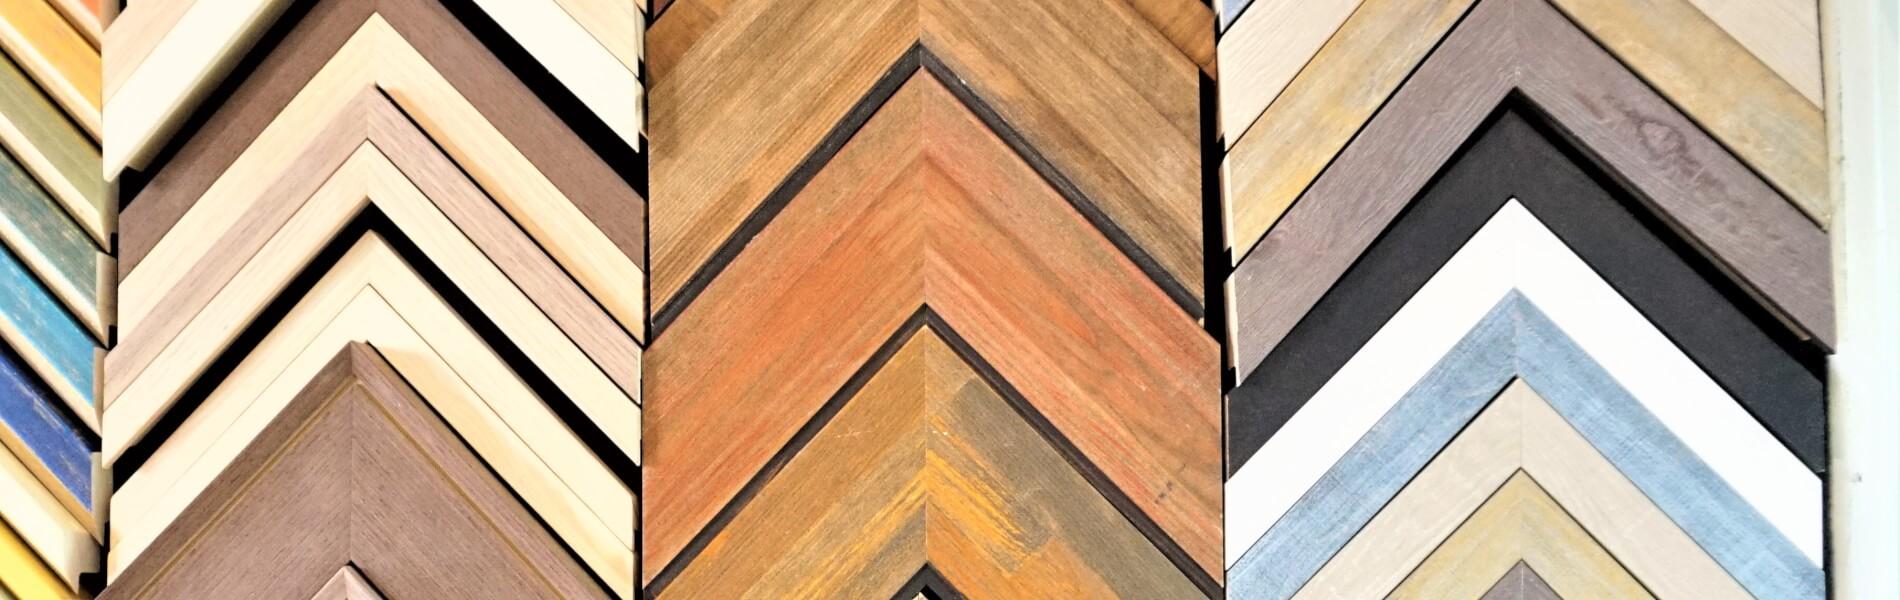 atelier coulouvrat encadrement - Les bois